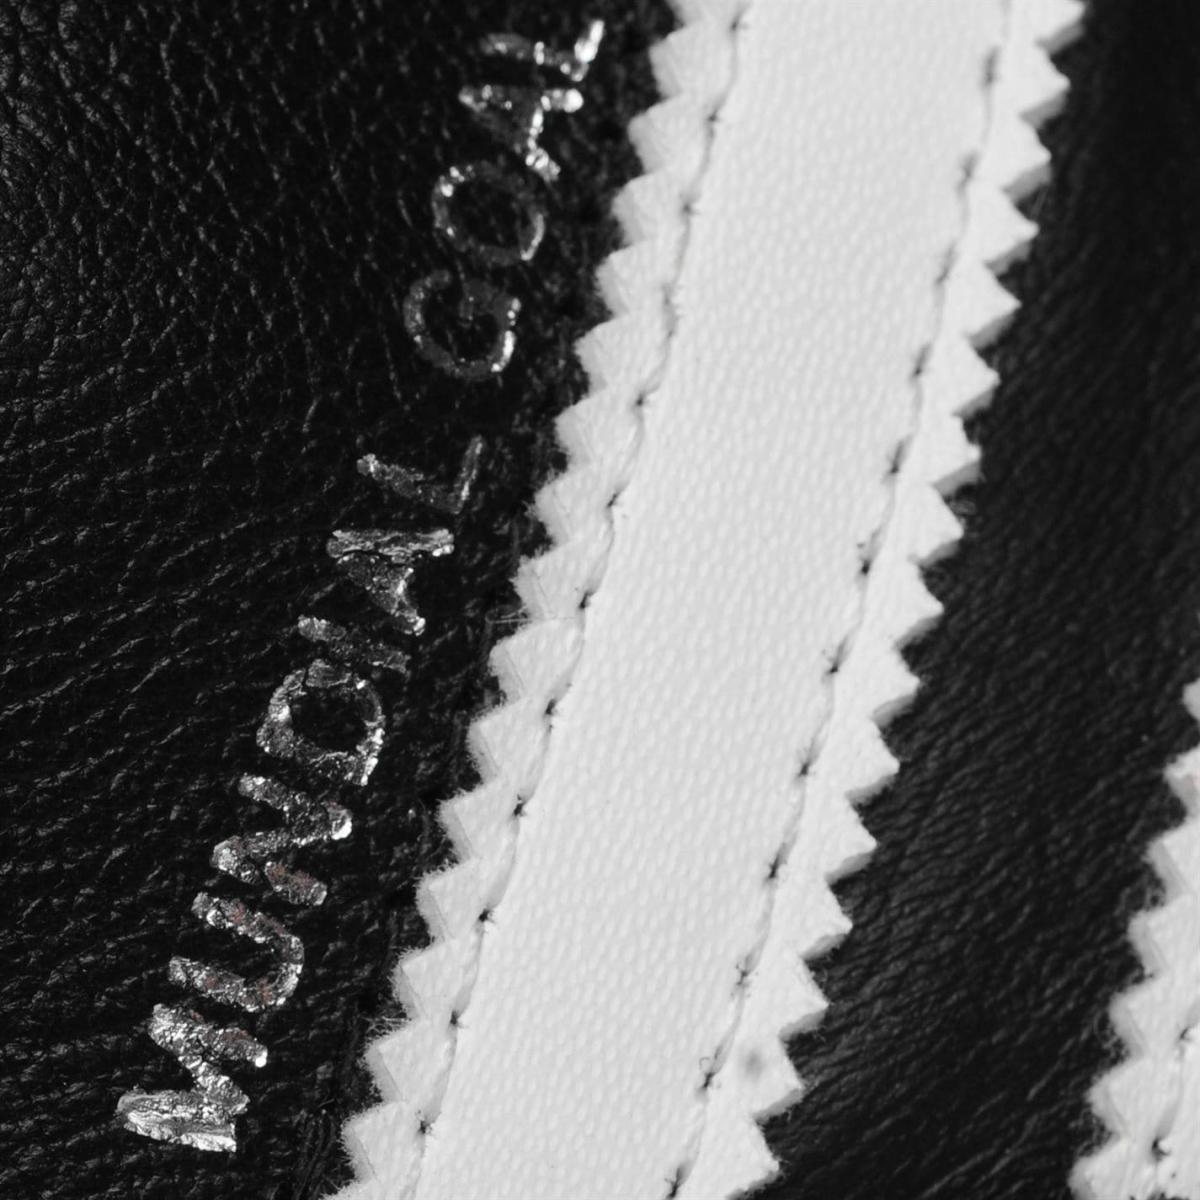 adidas Mundial Goal Hallenschuhe Fußballschuhe Indoor Herren Indoorschuhe 3308